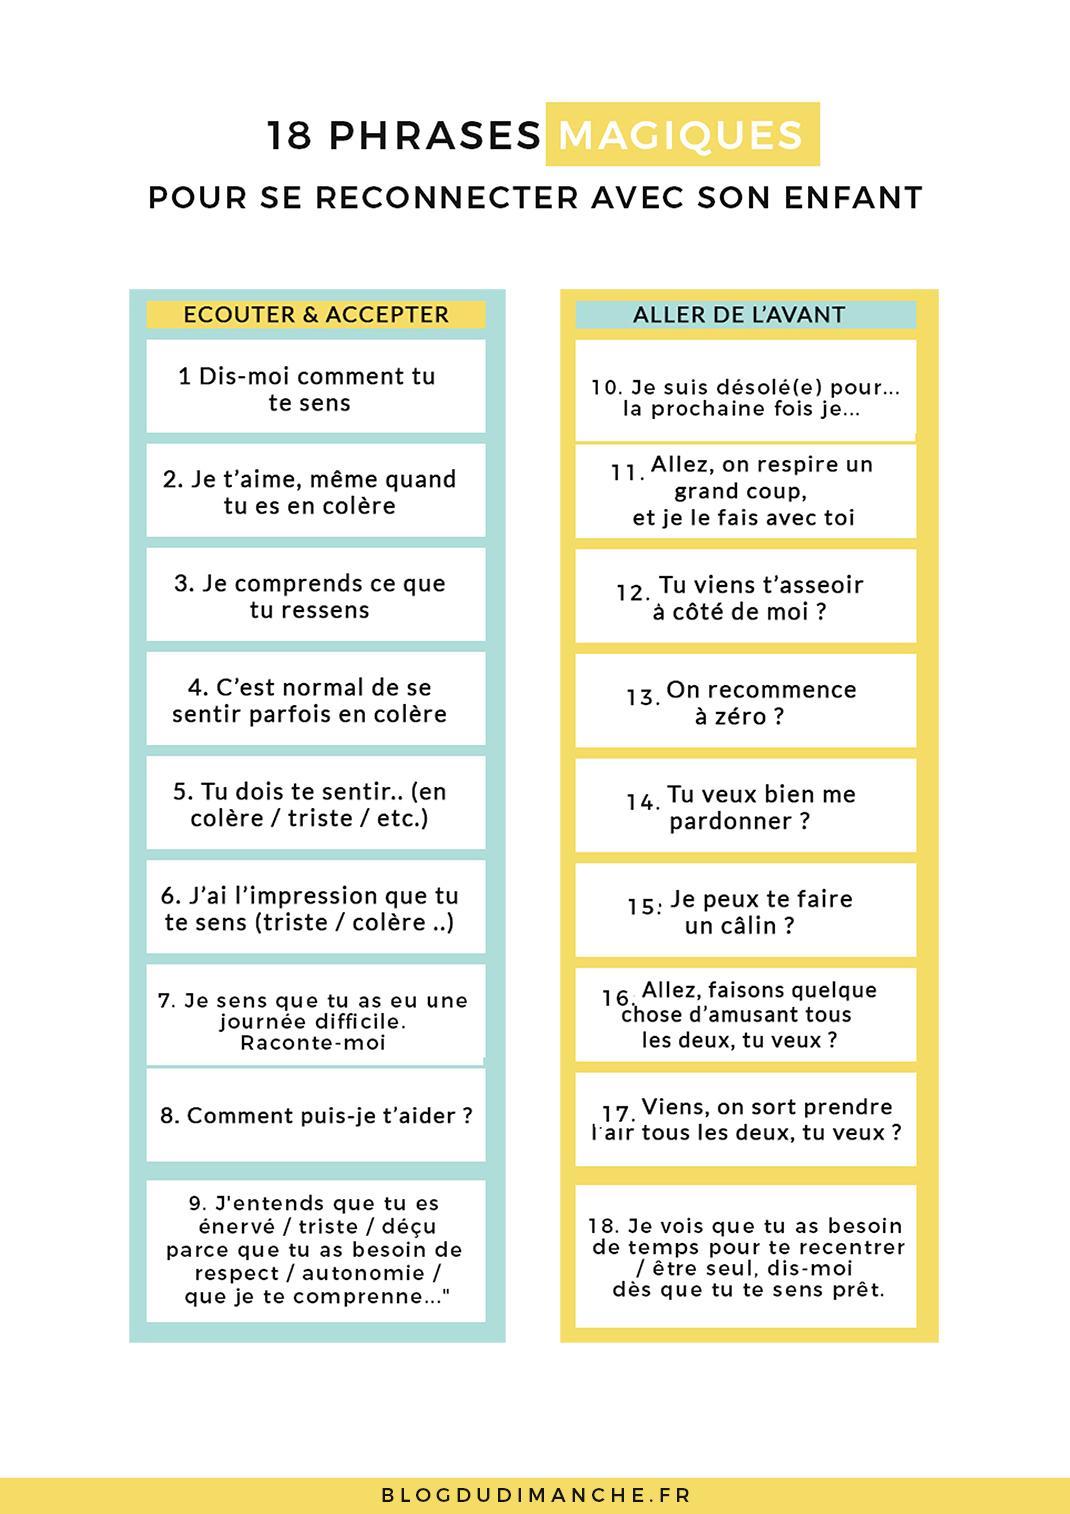 Si vous cherchez des pistes douces pour tenter de renouer le dialogue avec votre enfant, ce billet pourrait vous aider !